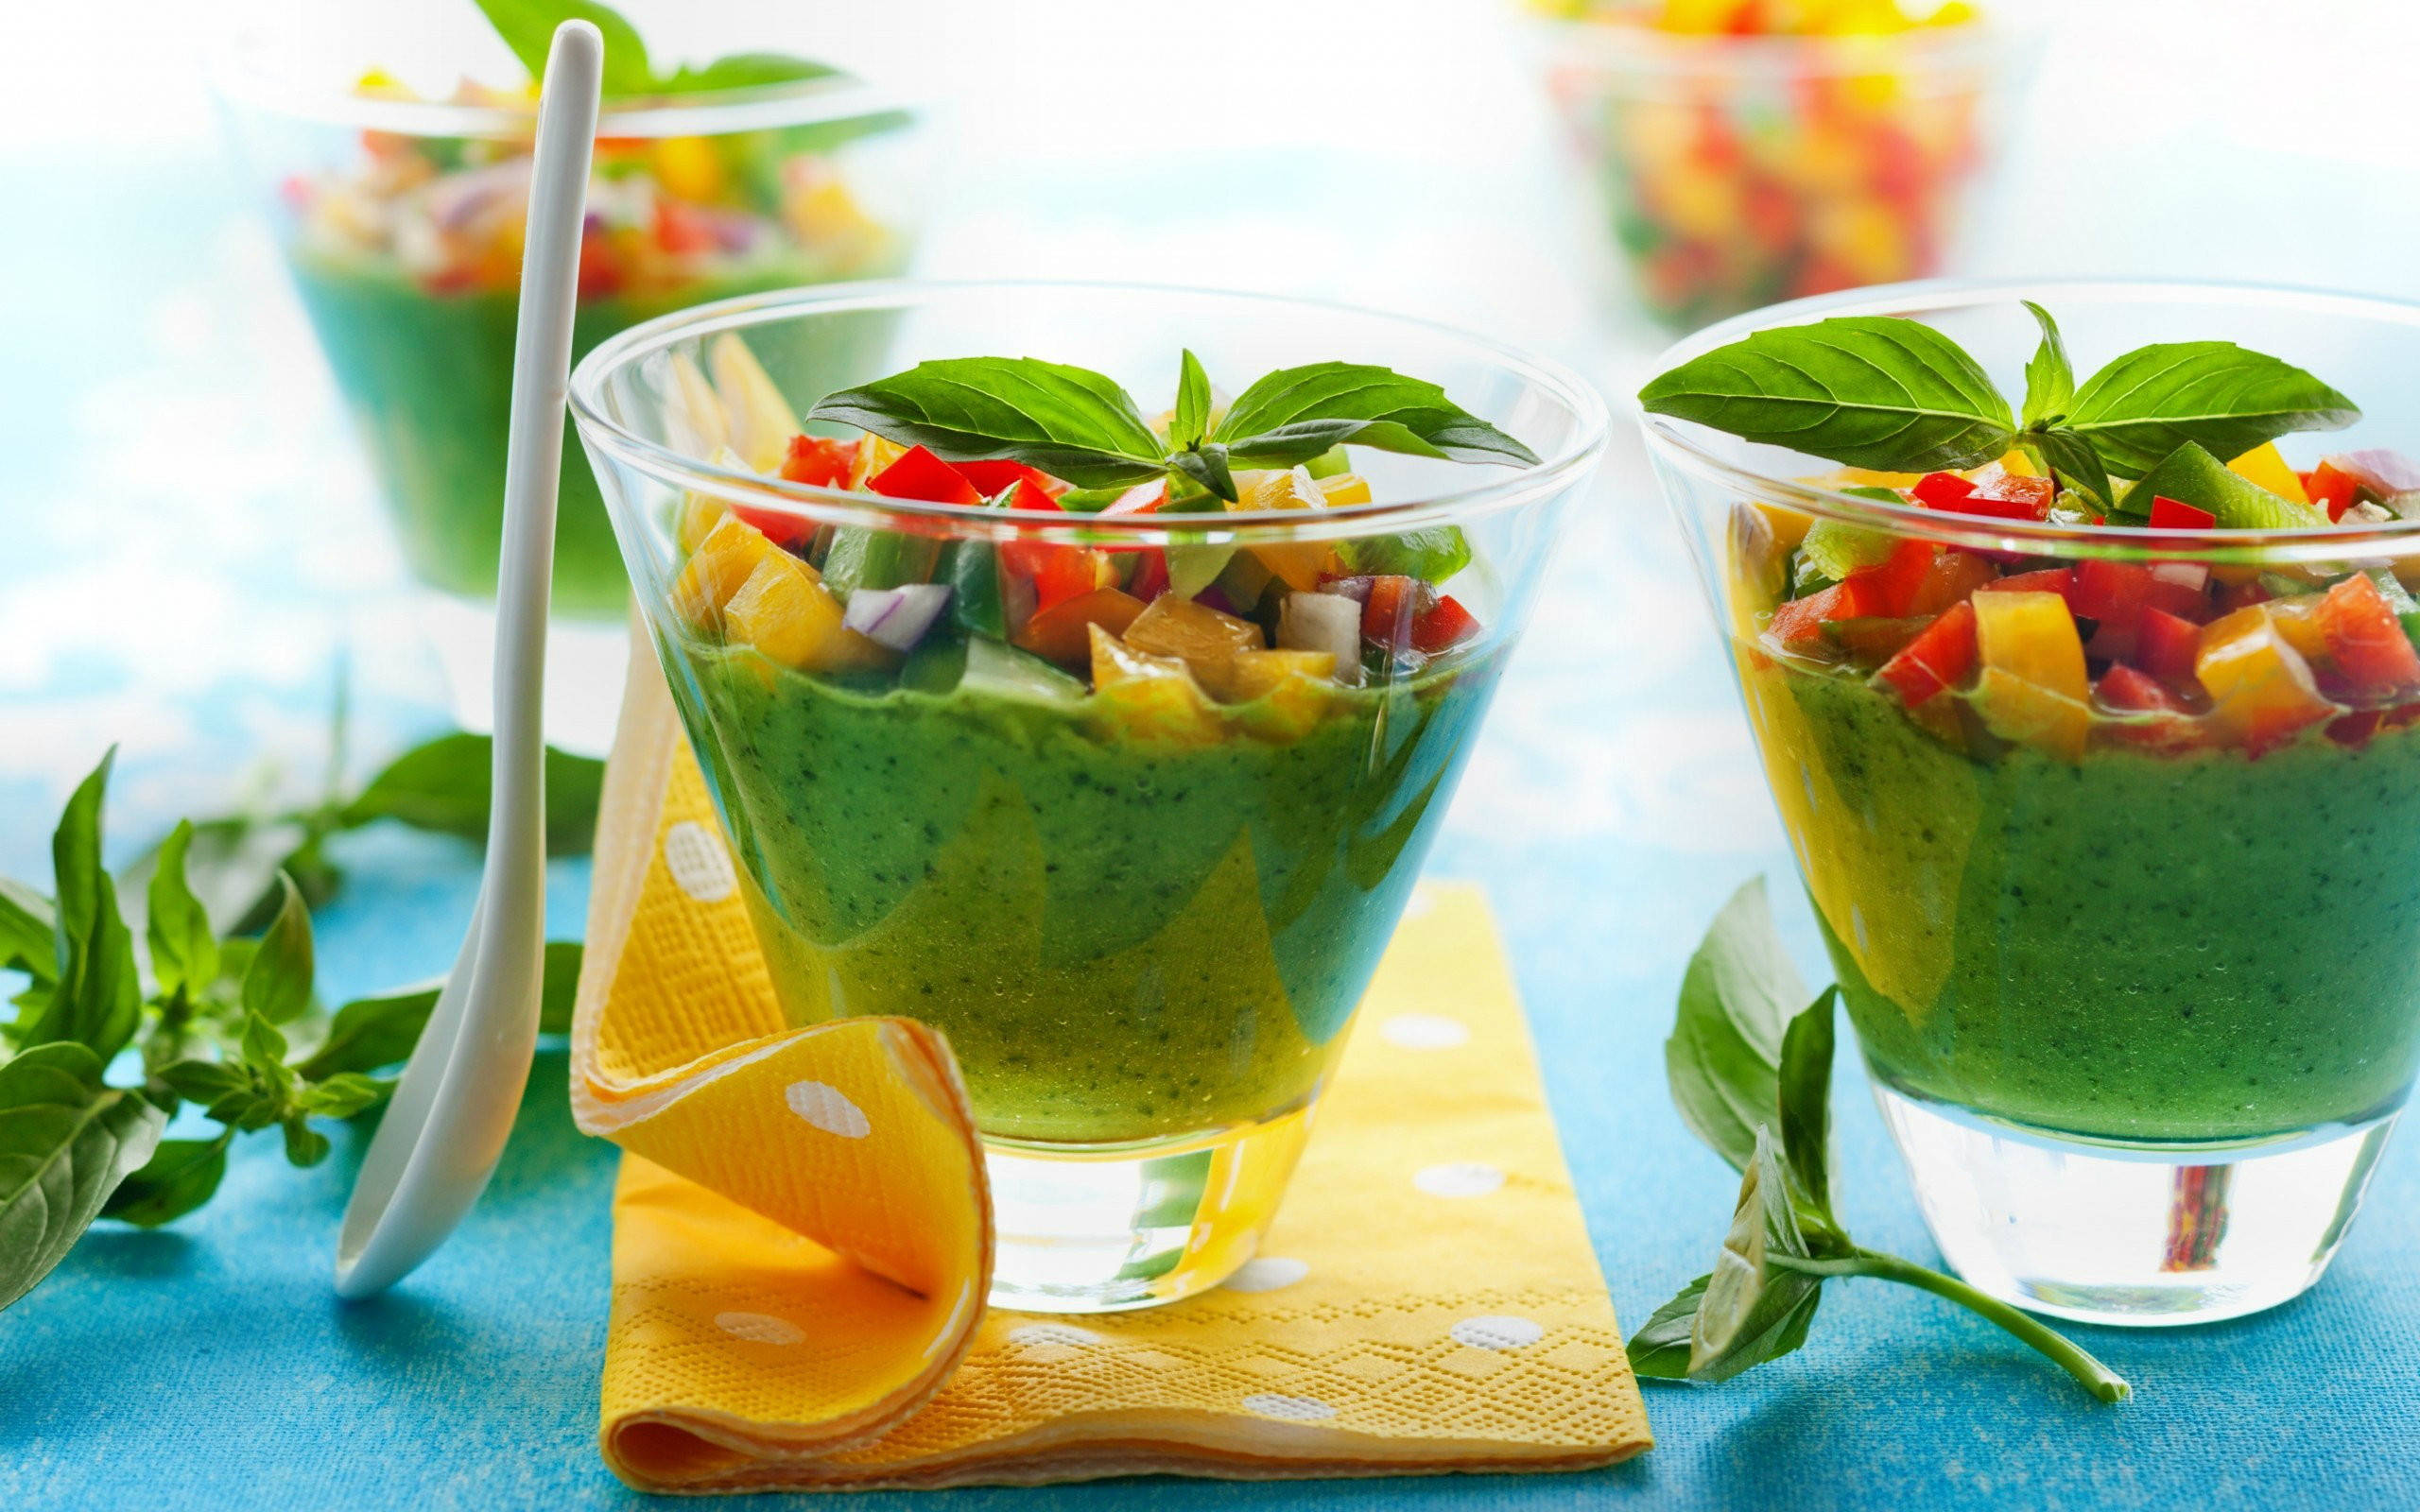 zielone-1-2 Pij te 3 koktajle na śniadanie każdego dnia i chudnij jak szalona!